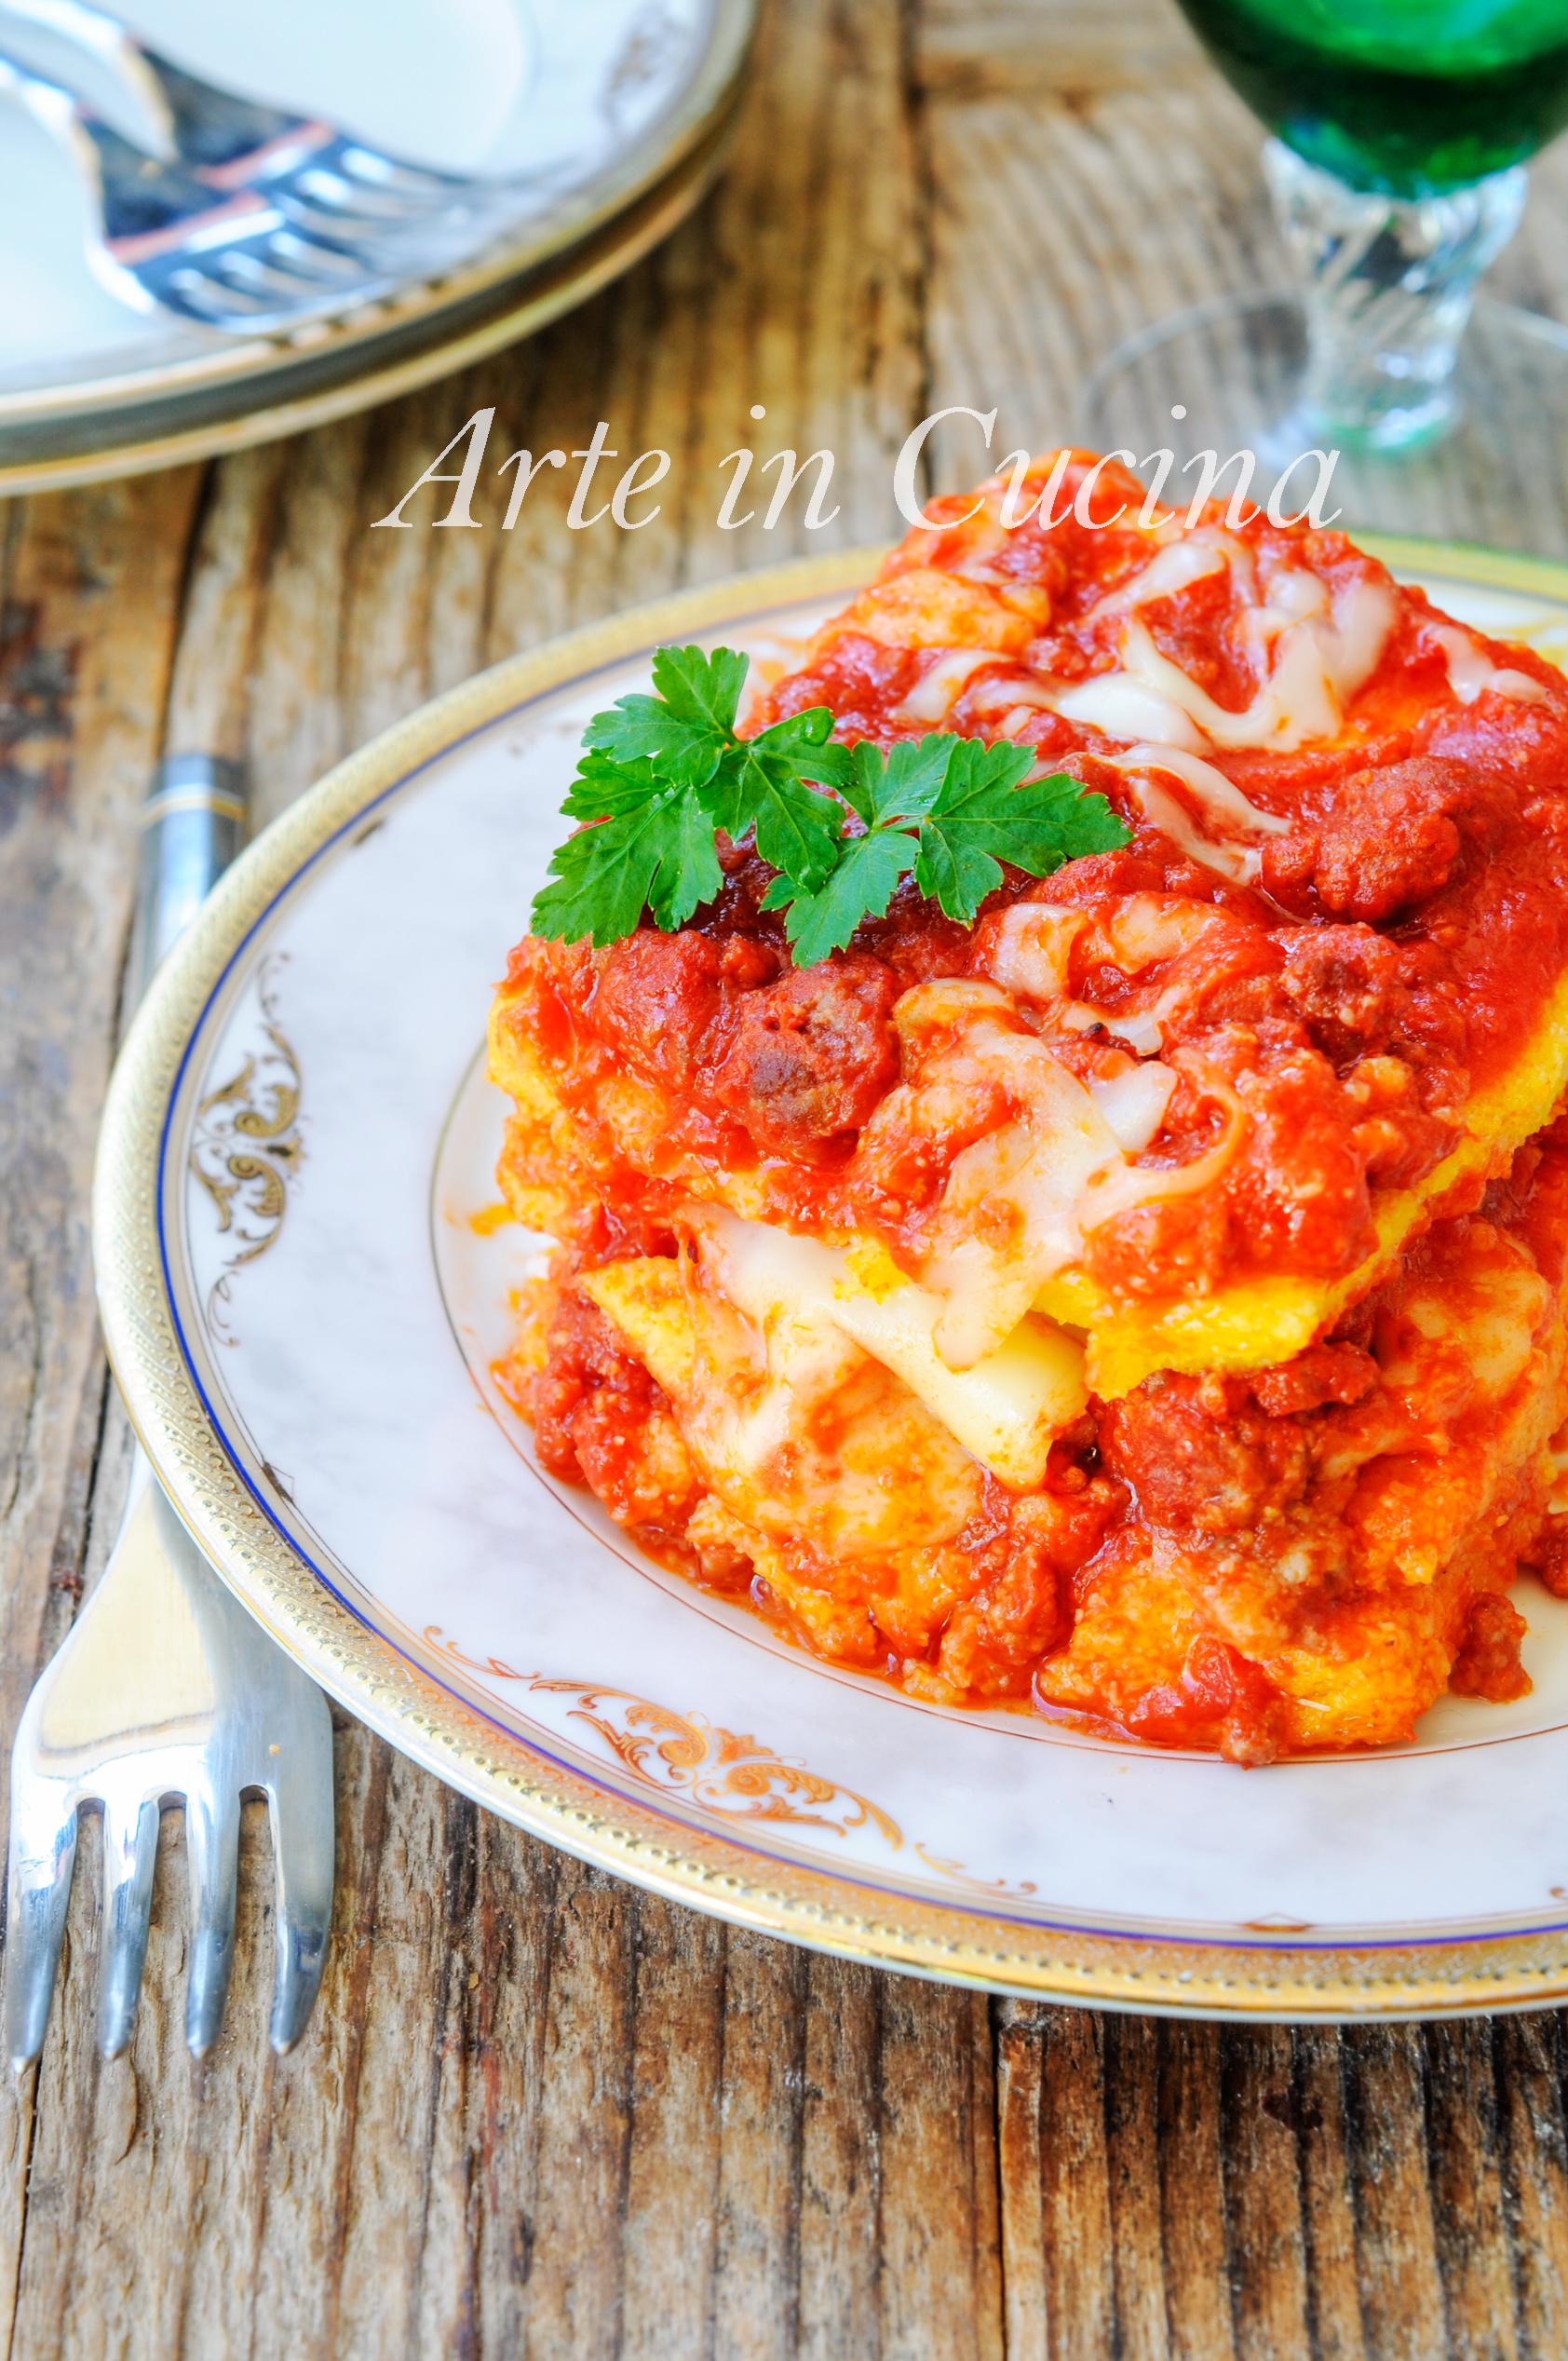 Lasagna di polenta con ragu al forno ricetta facile vickyart arte in cucina